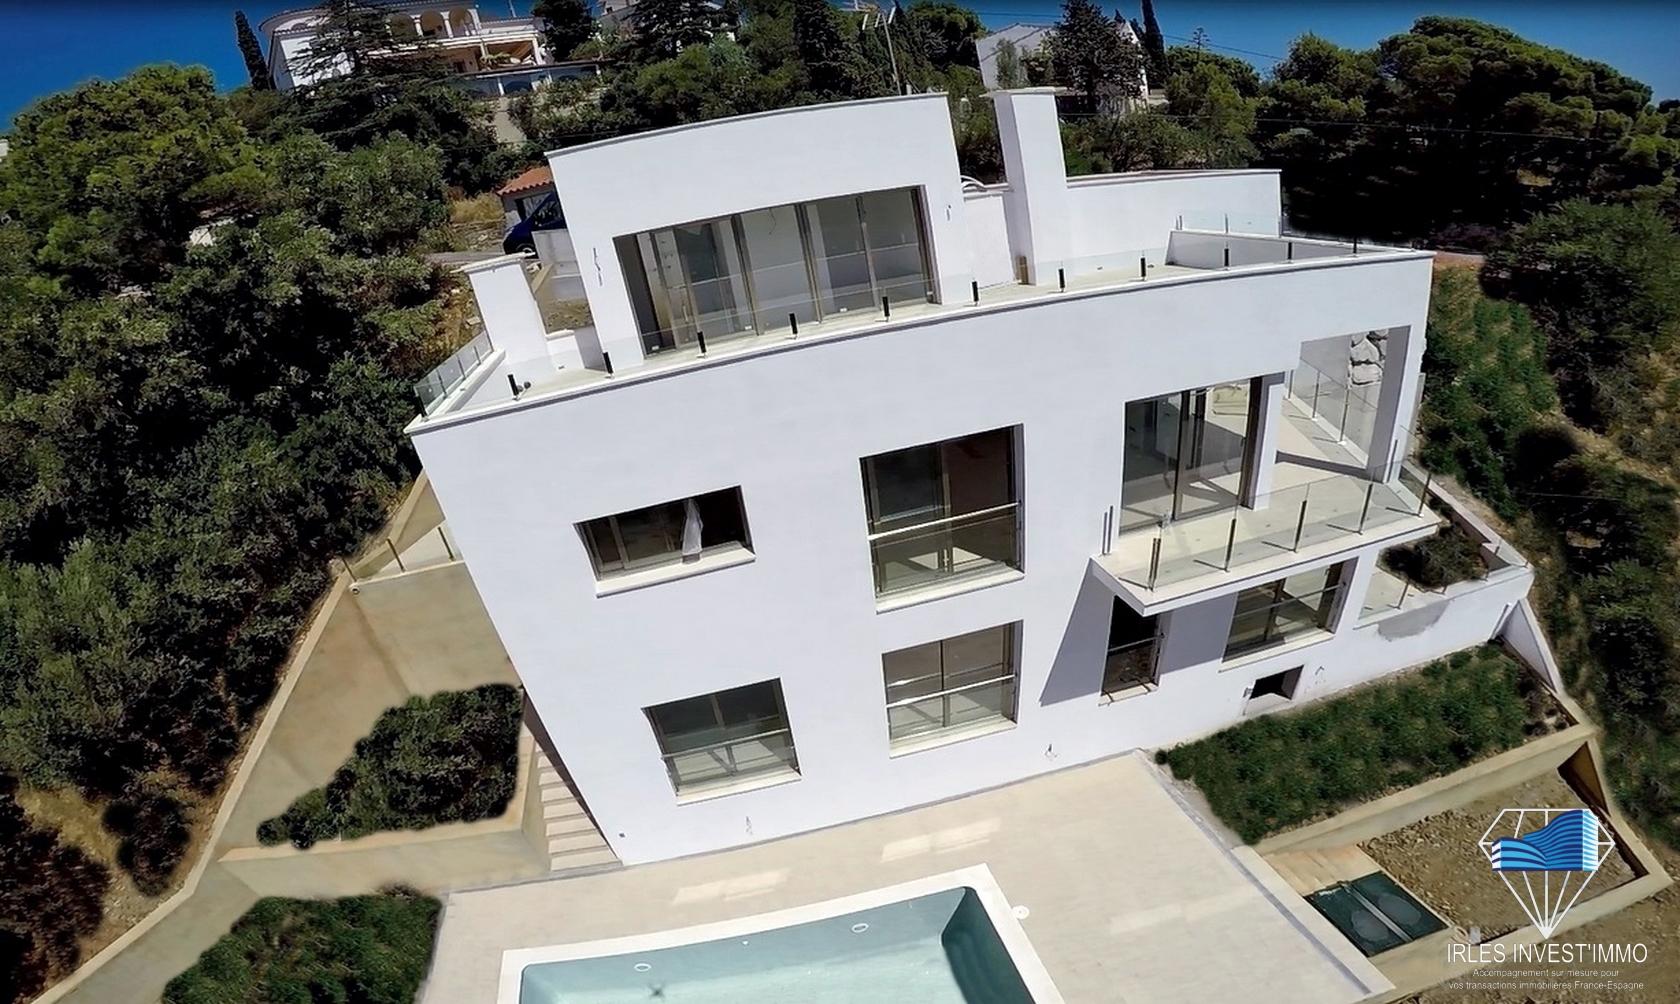 Achat Maison Espagne Costa Brava Avie Home